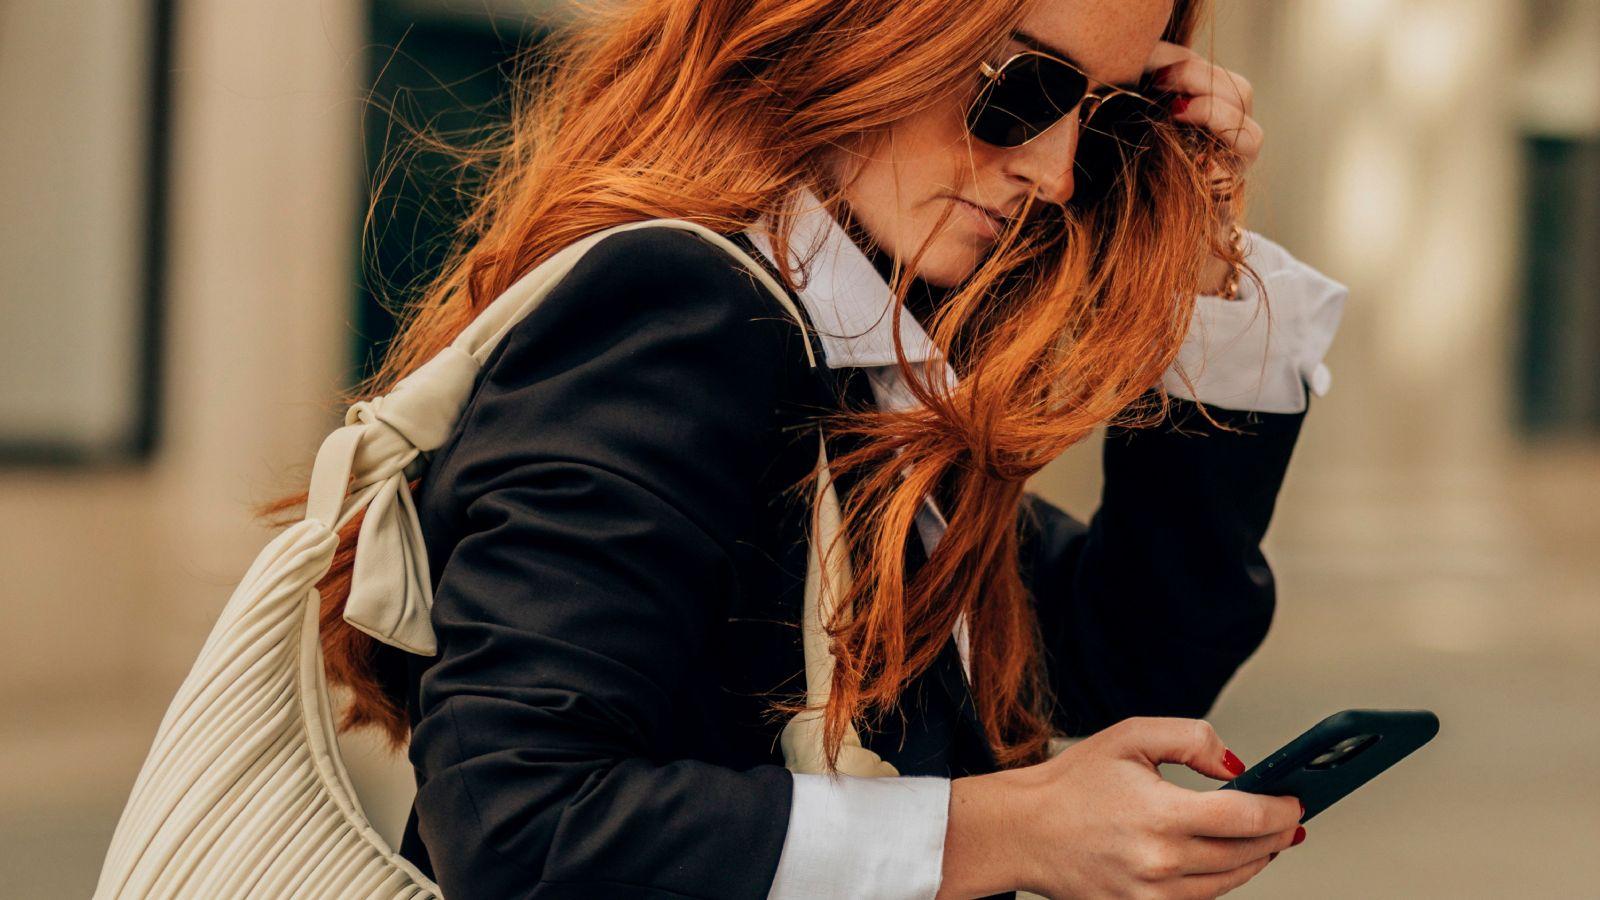 Shoppen mit Libby Page von Net-A-Porter: Ihre 5 Top-Picks für Luxus-Taschen